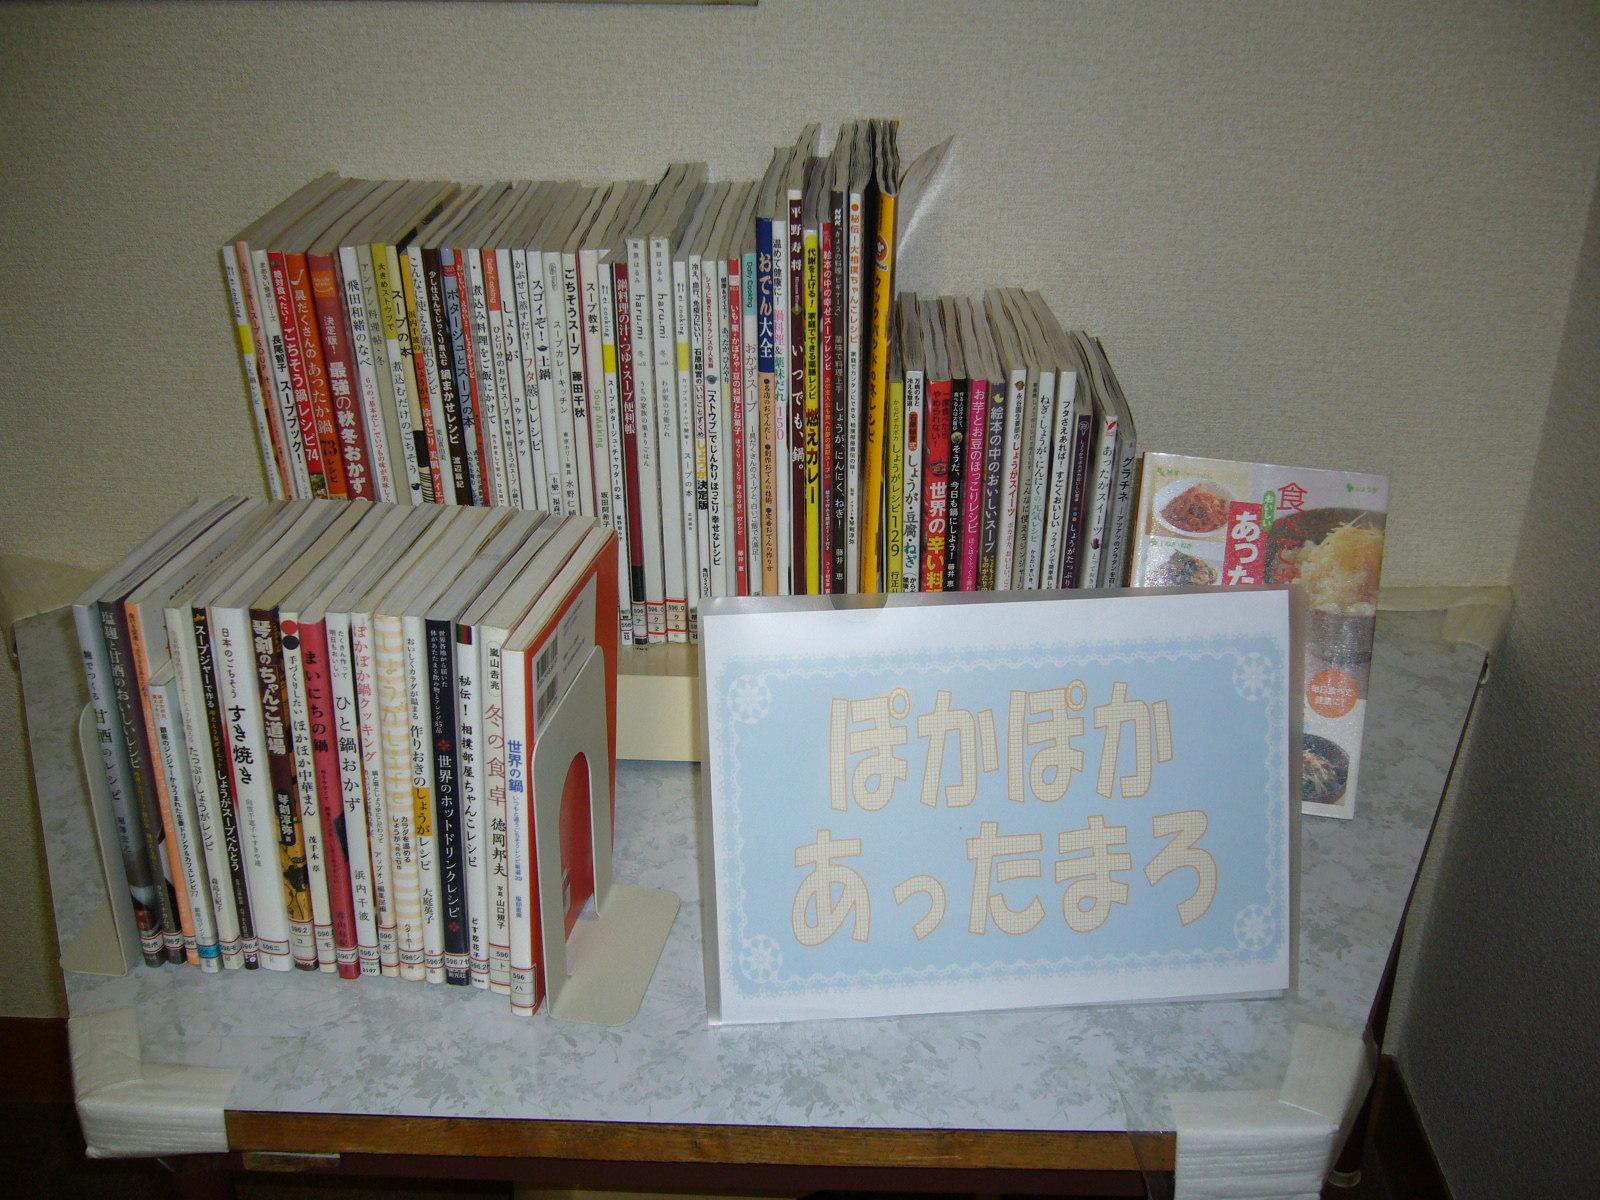 松阪市図書館スタッフブログ